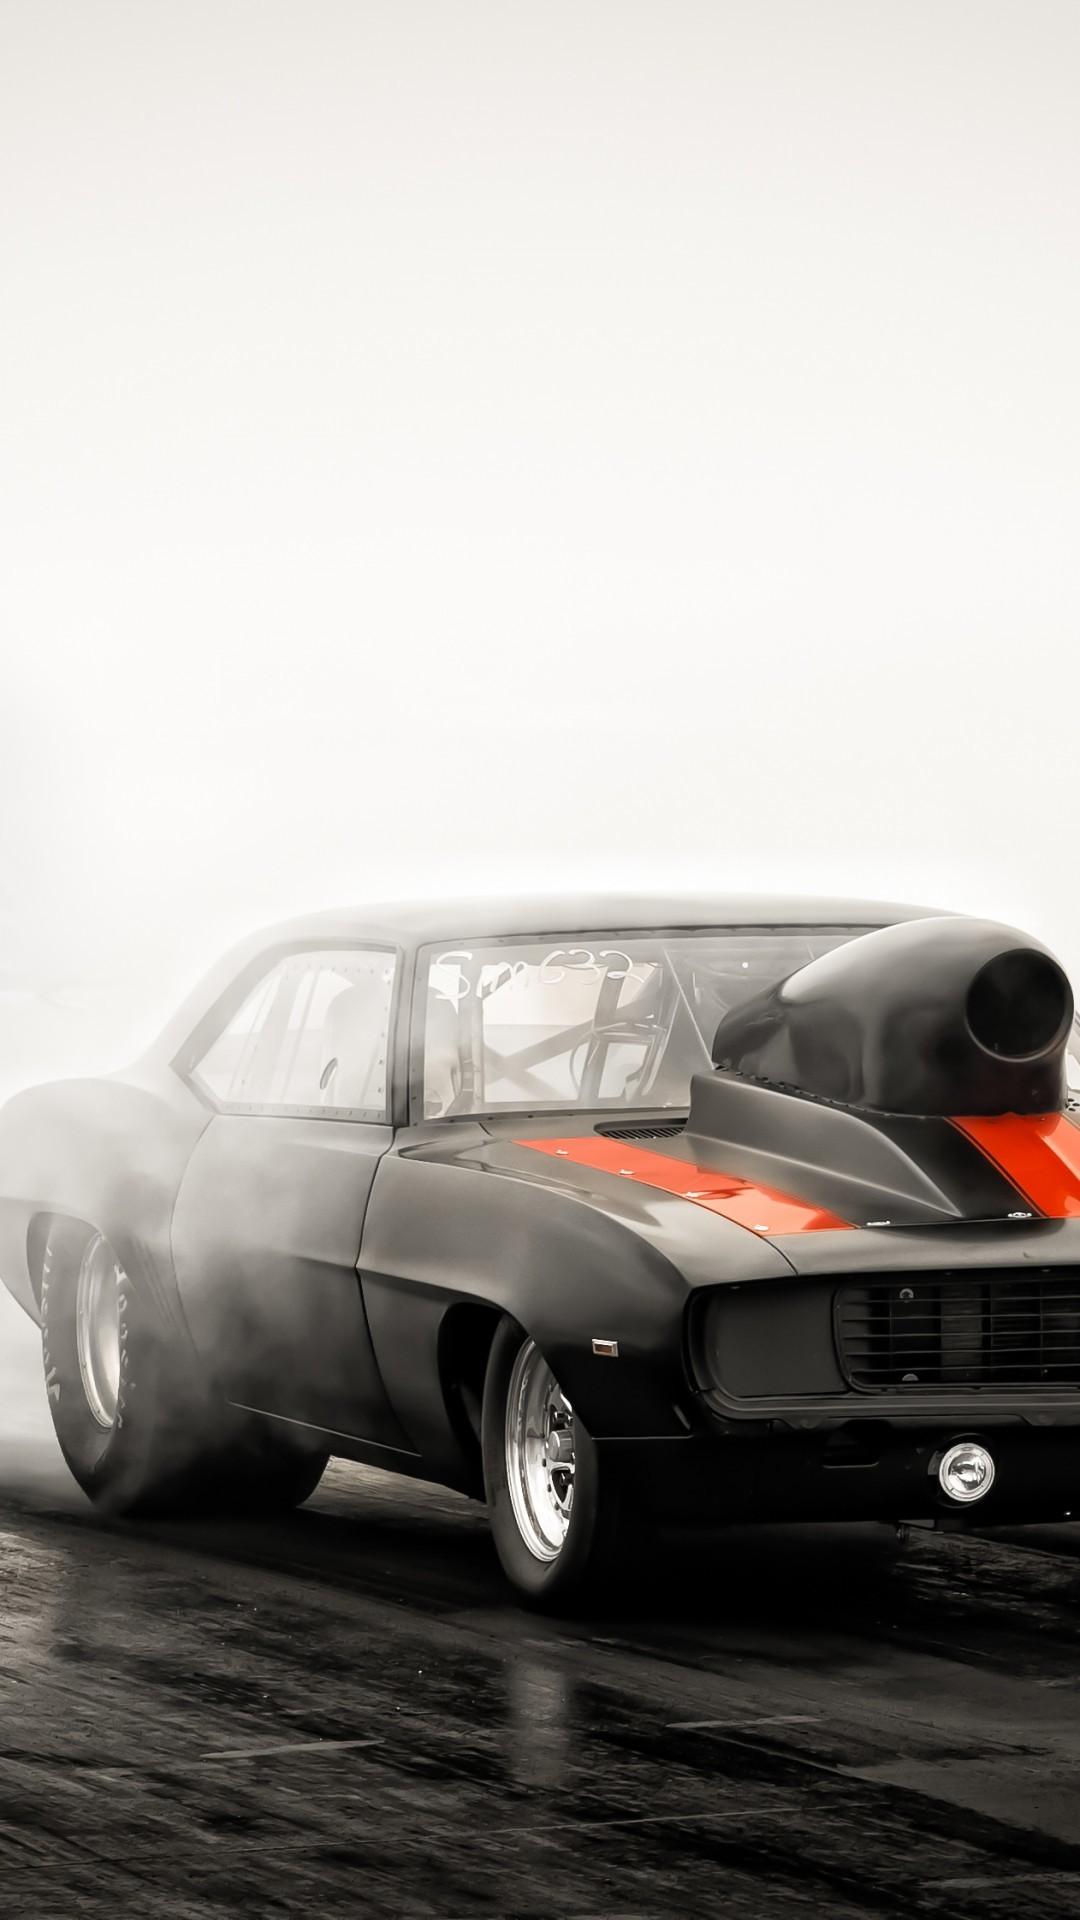 Res: 1080x1920, Drag Racing, Smoke, Cars